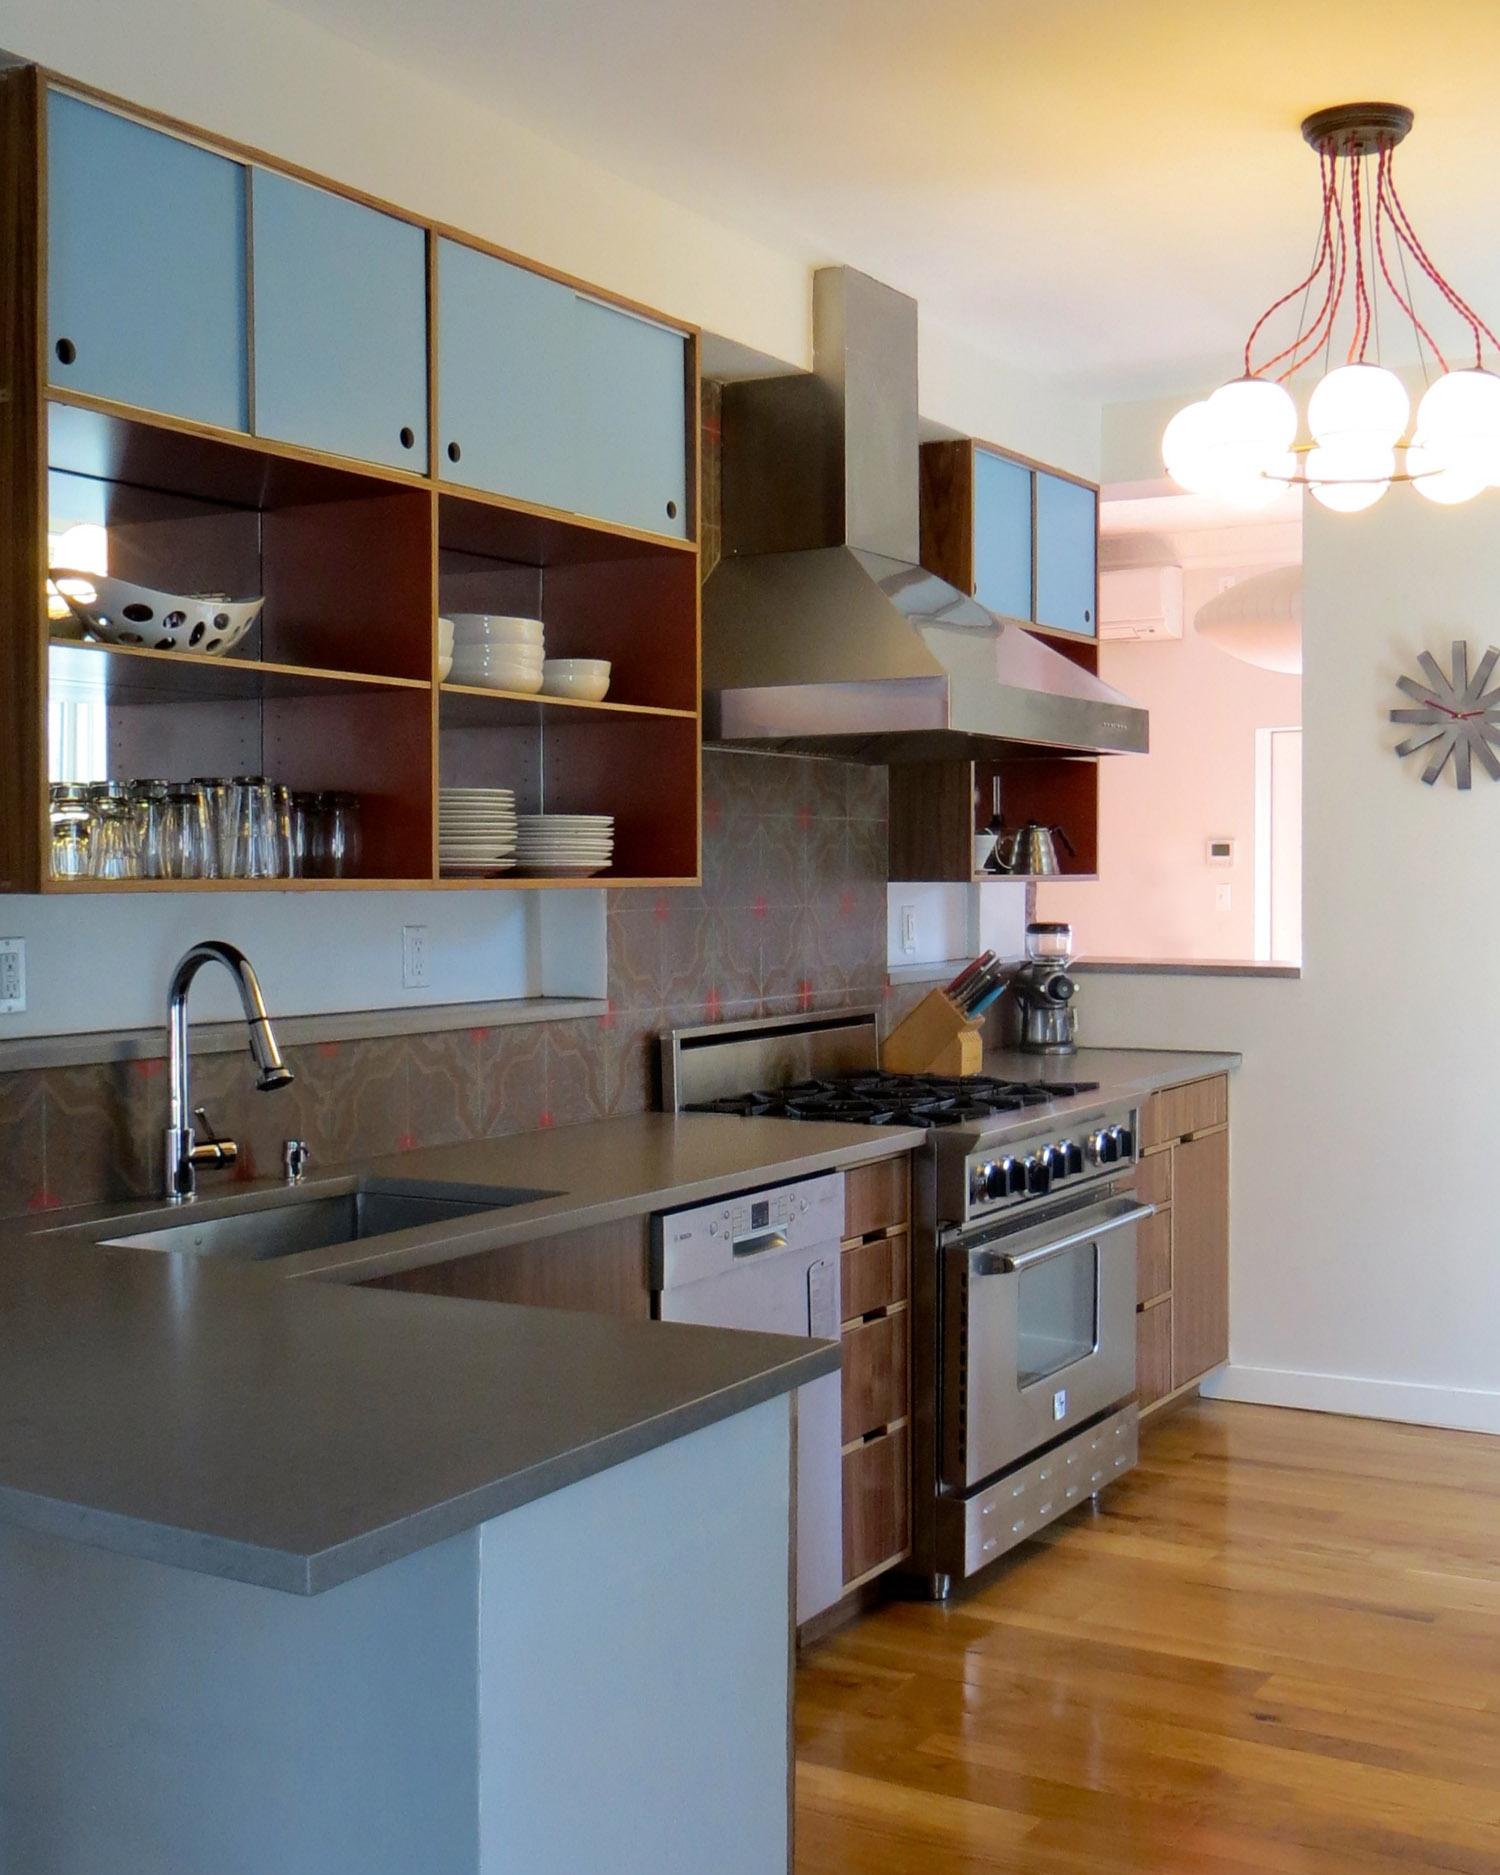 mr-kitchen-11-sml.jpg